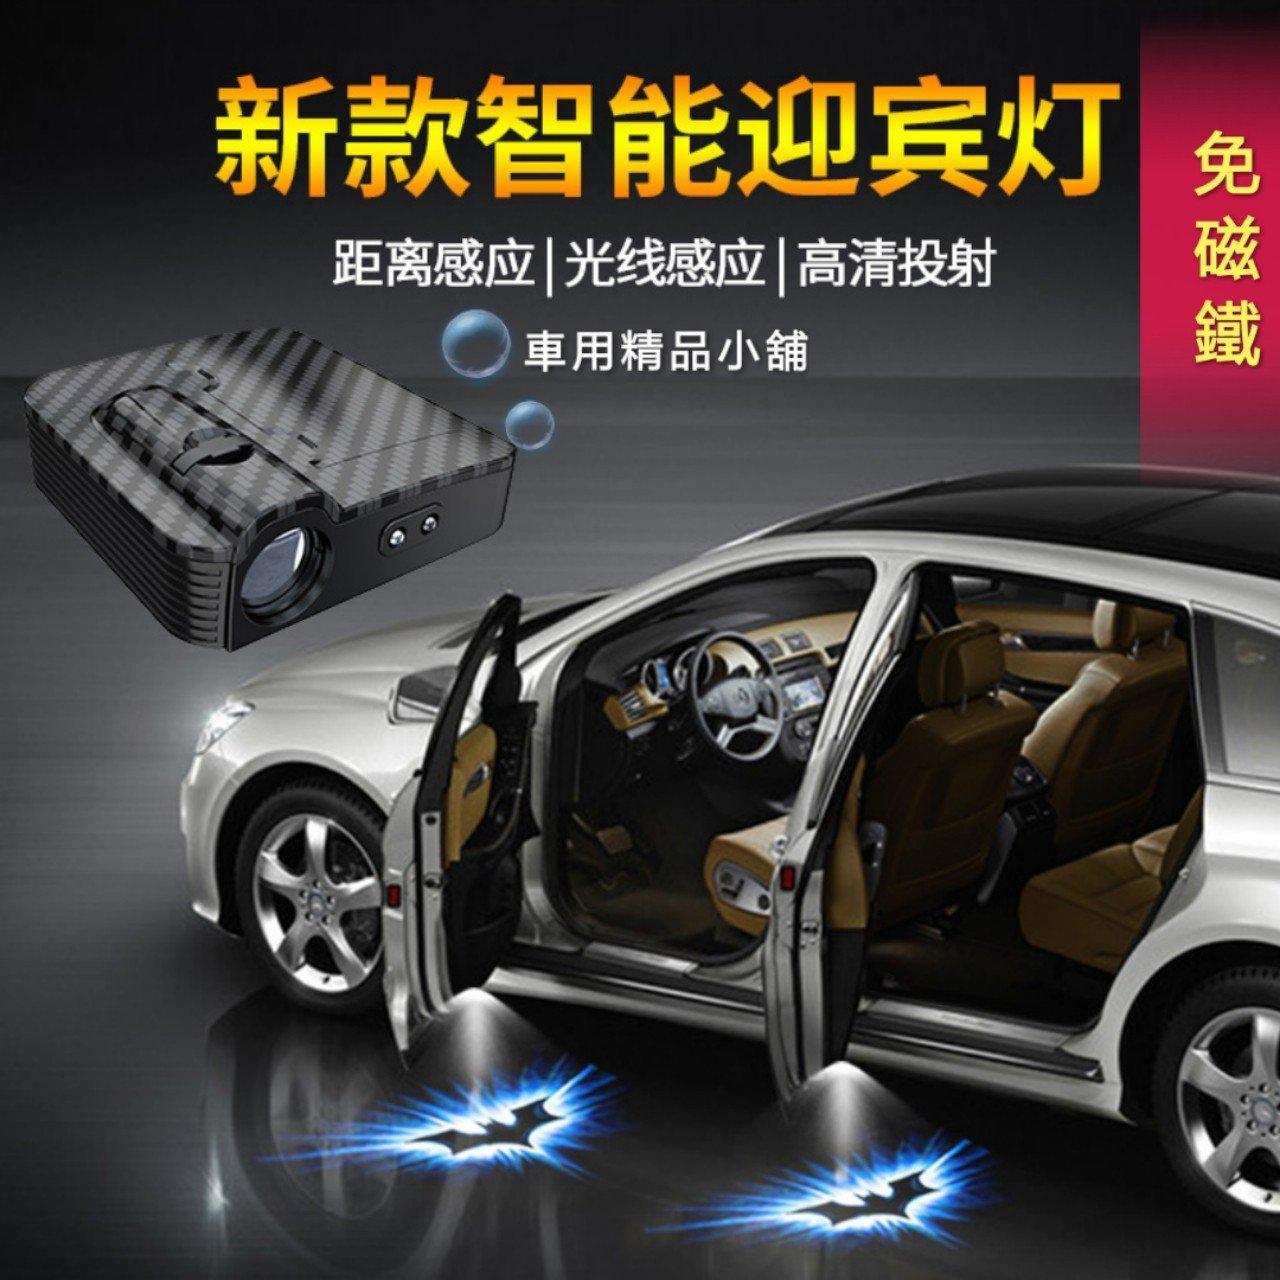 ( )汽車 紅外線感應 智能迎賓燈 車門燈 照地燈 型 無線 第 免磁鐵 日光 距離感應